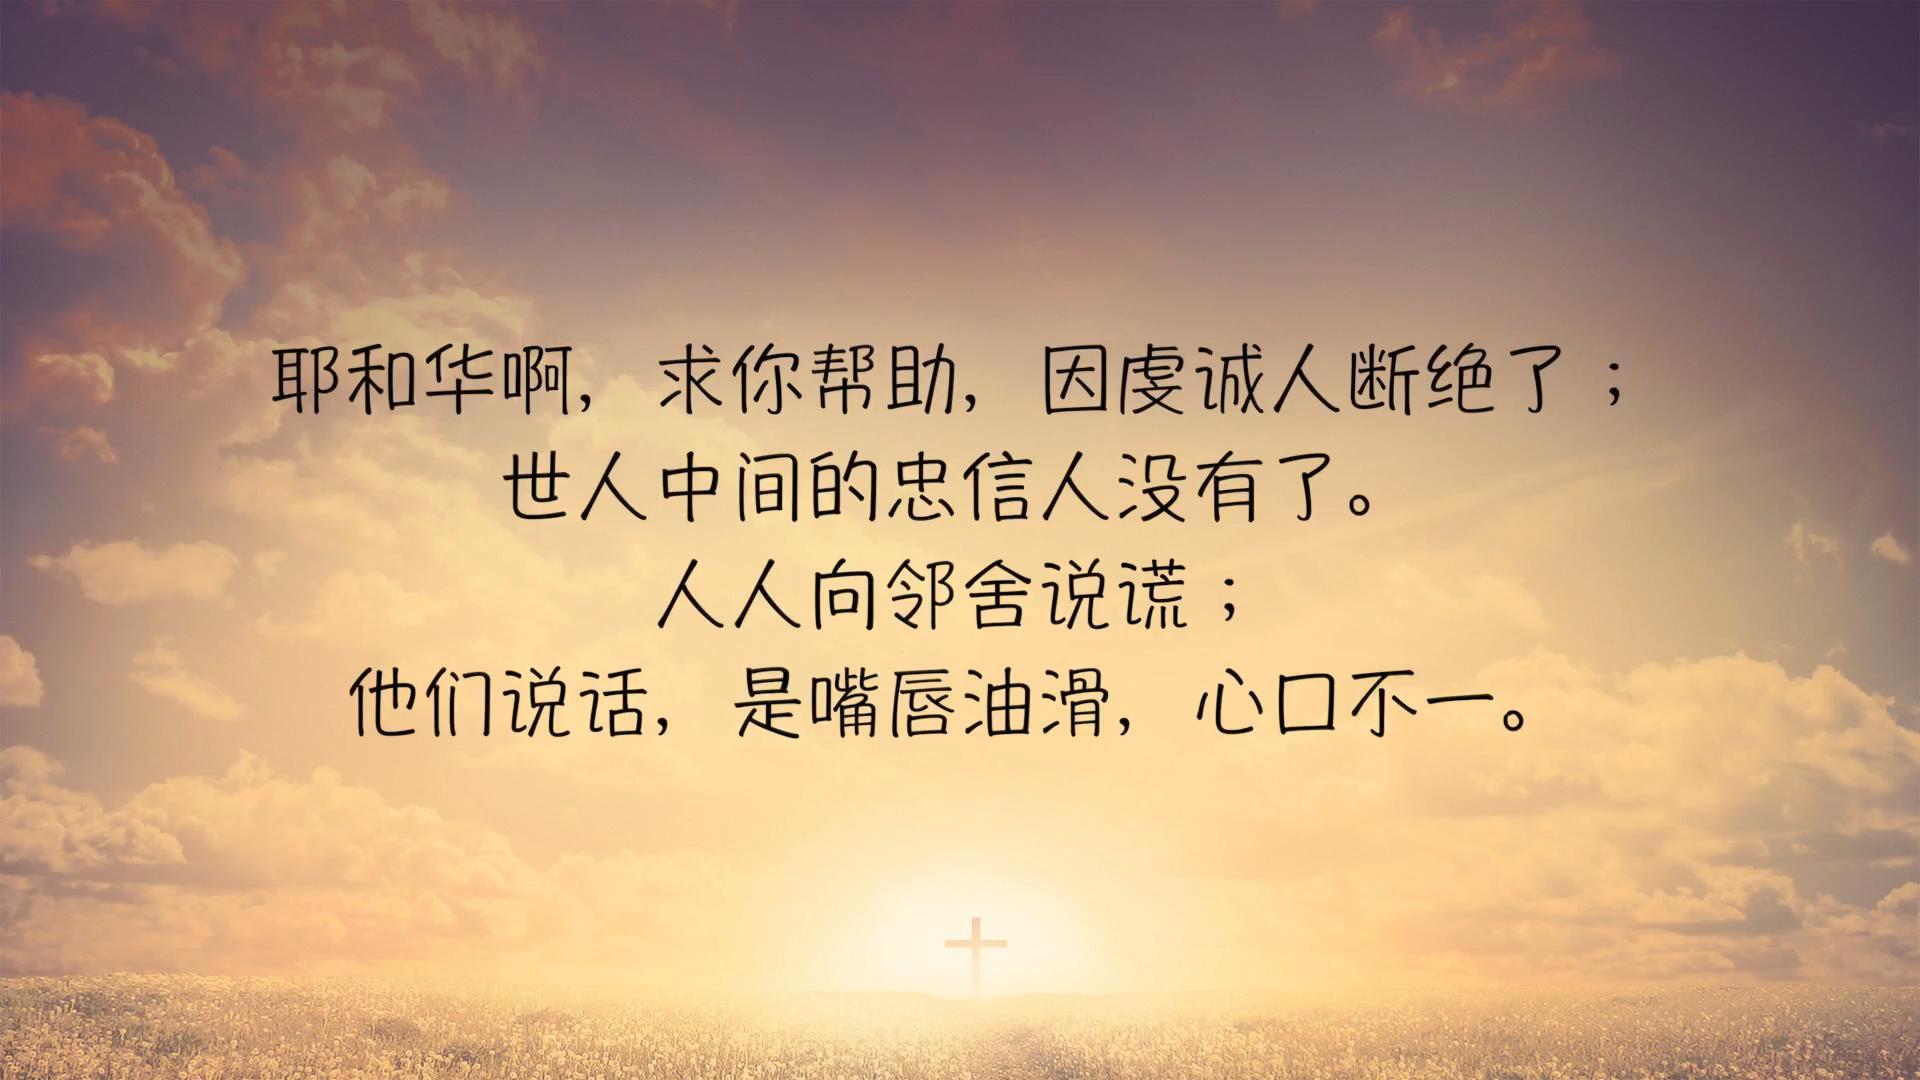 圣经三分钟 诗篇12_20180711220656.JPG